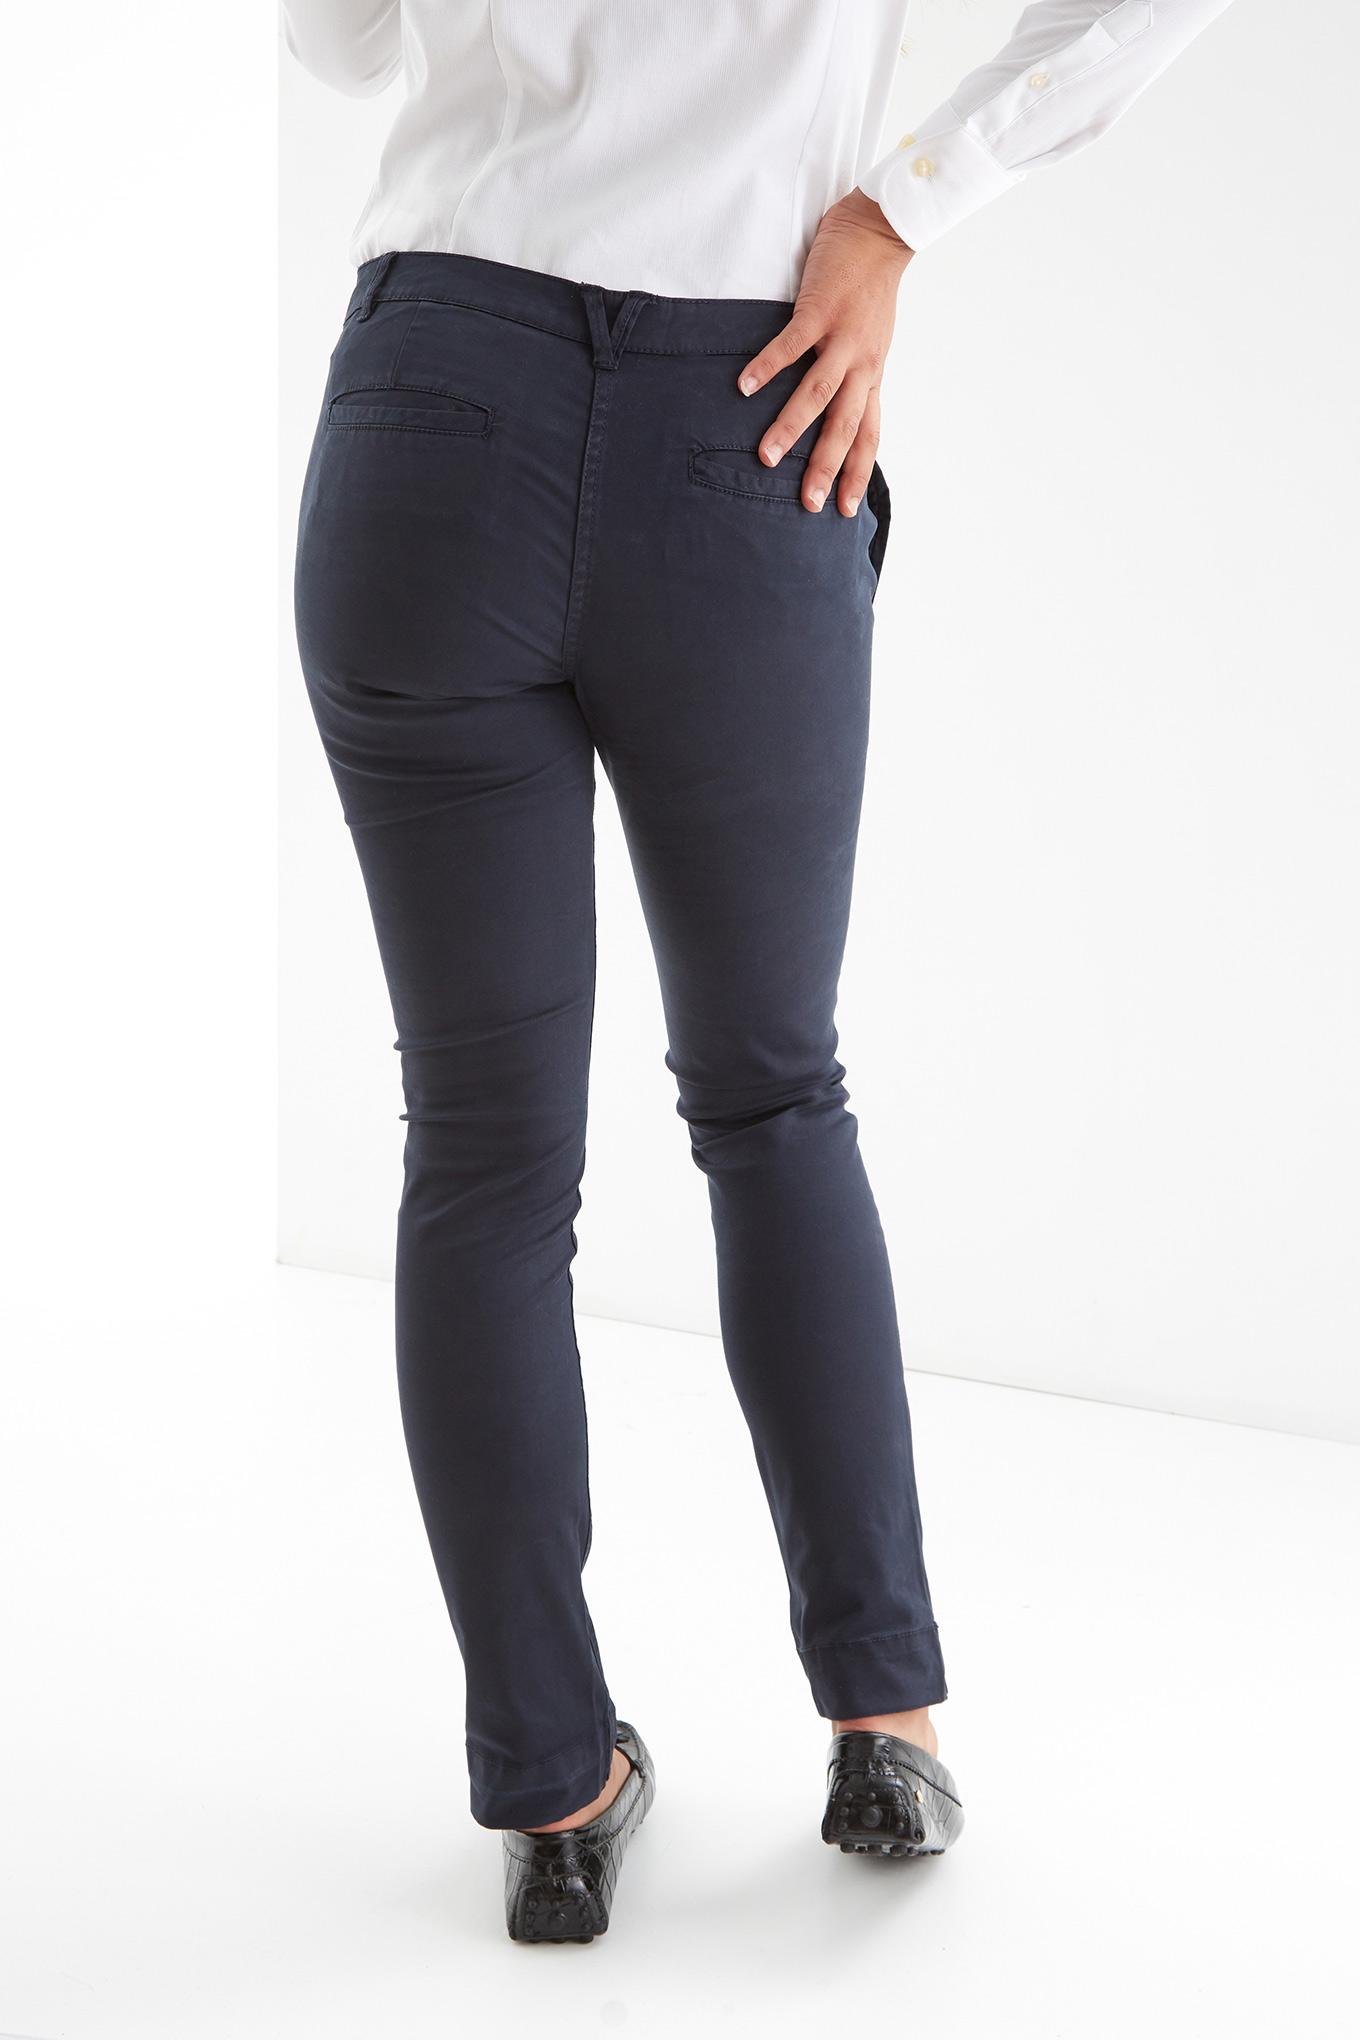 Calças Chino Azul Escuro Casual Mulher